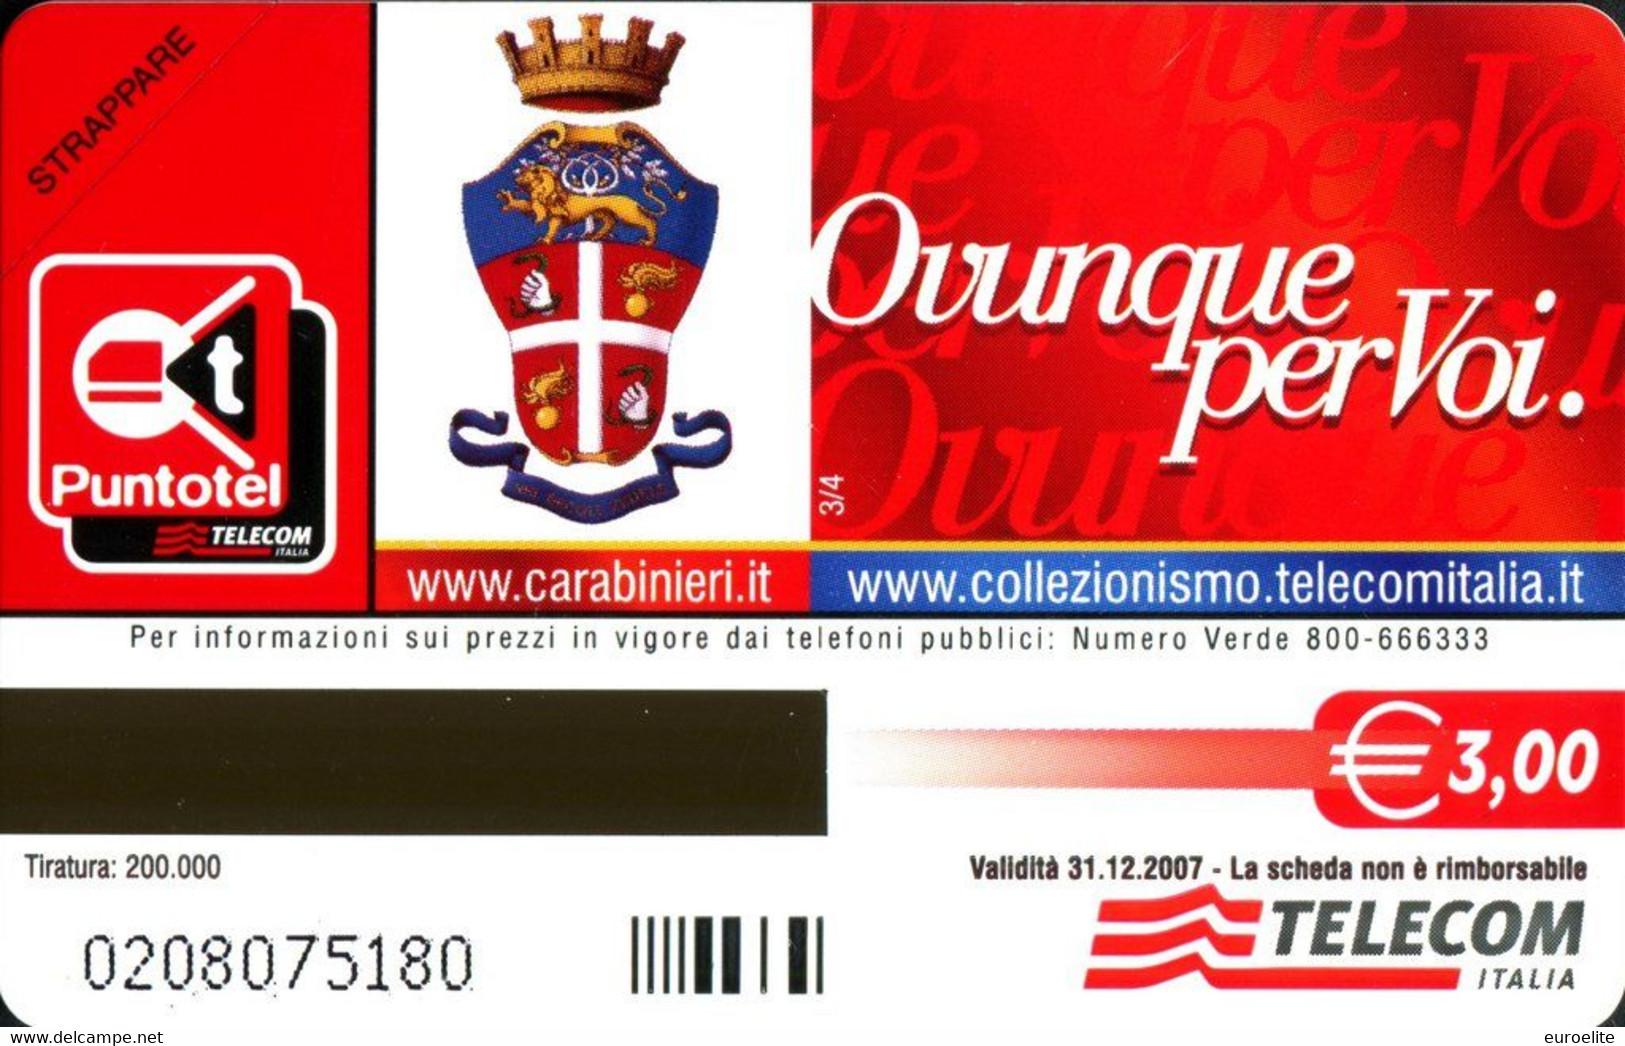 USATE Ovunque Per Voi - Corazzieri - Public Practical Advertising